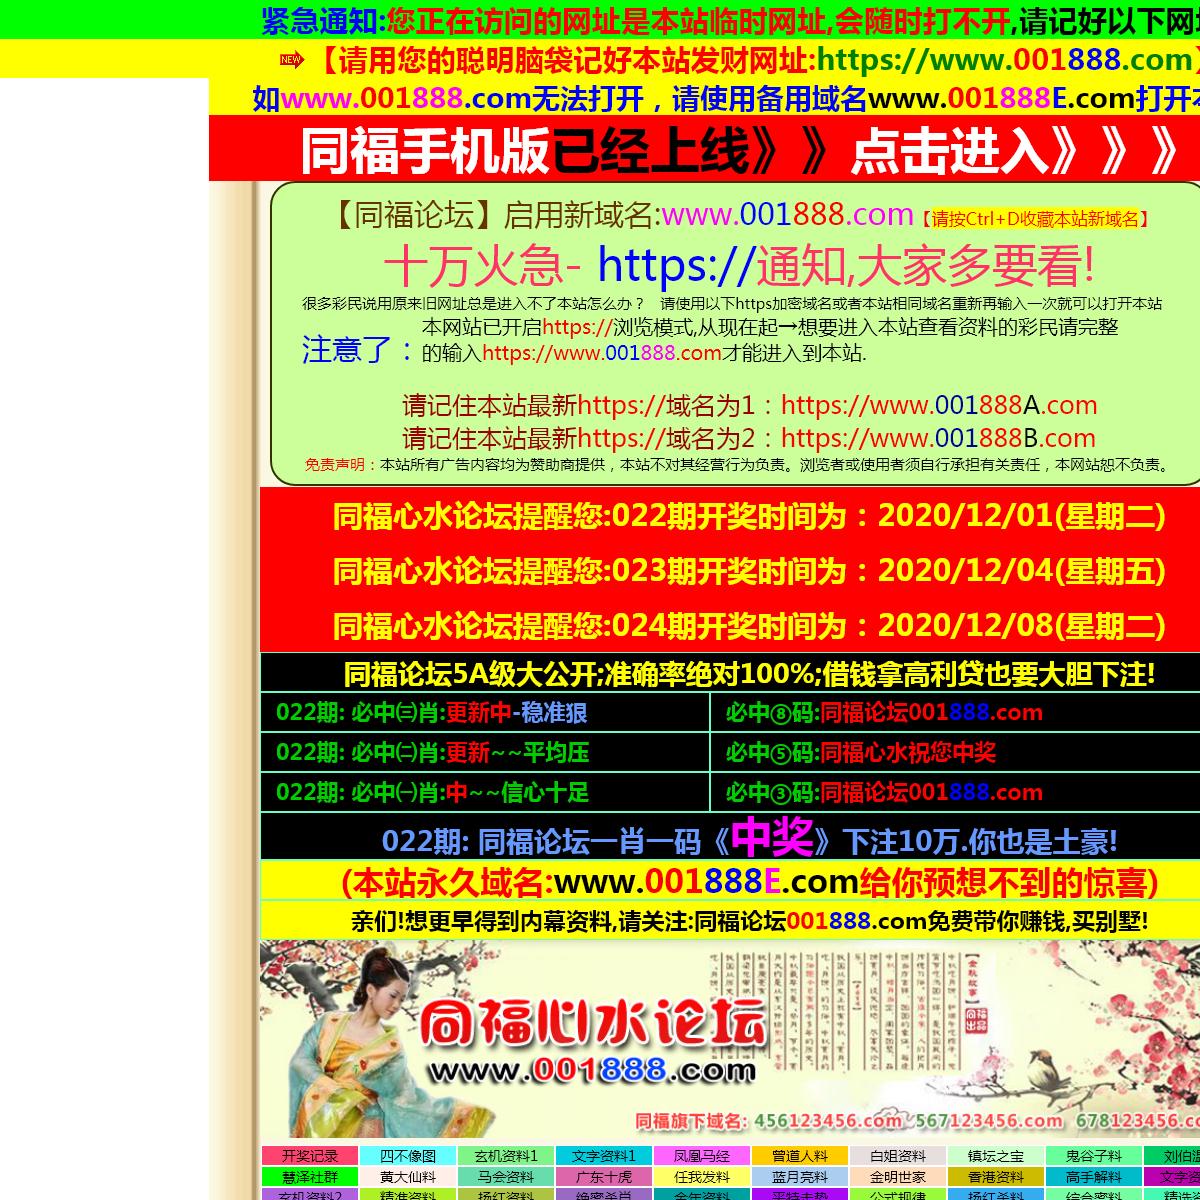 刘伯温四肖料兔费网站,六合聊天室,管家婆正版彩图挂牌更新最快,c188555.com